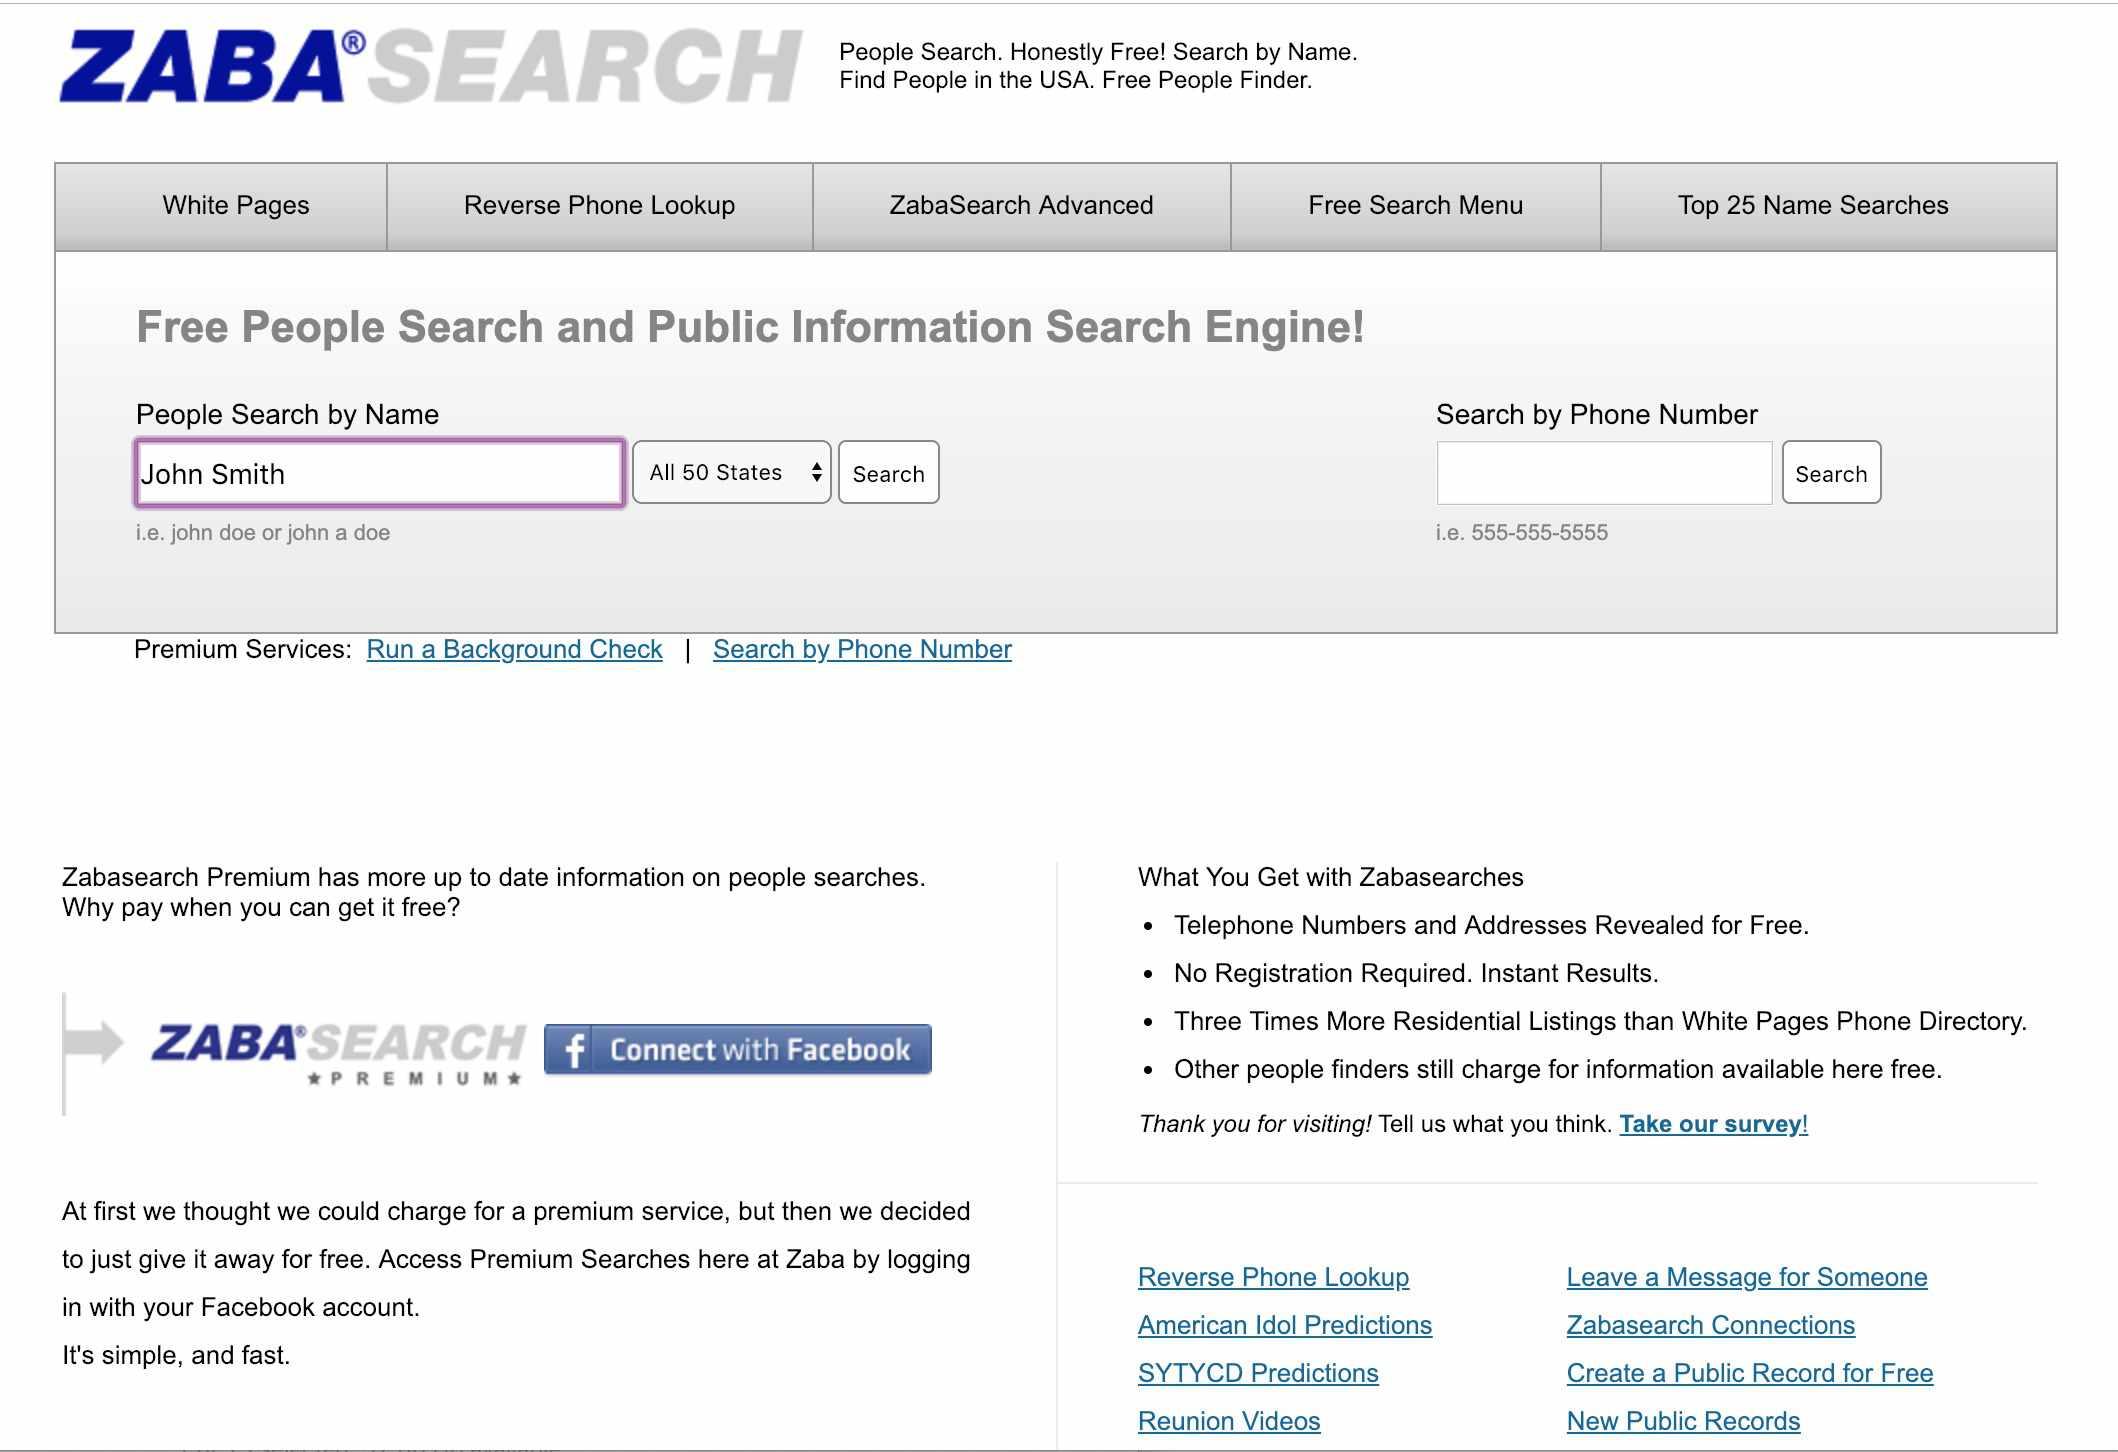 Screenshot of Zaba Search web page